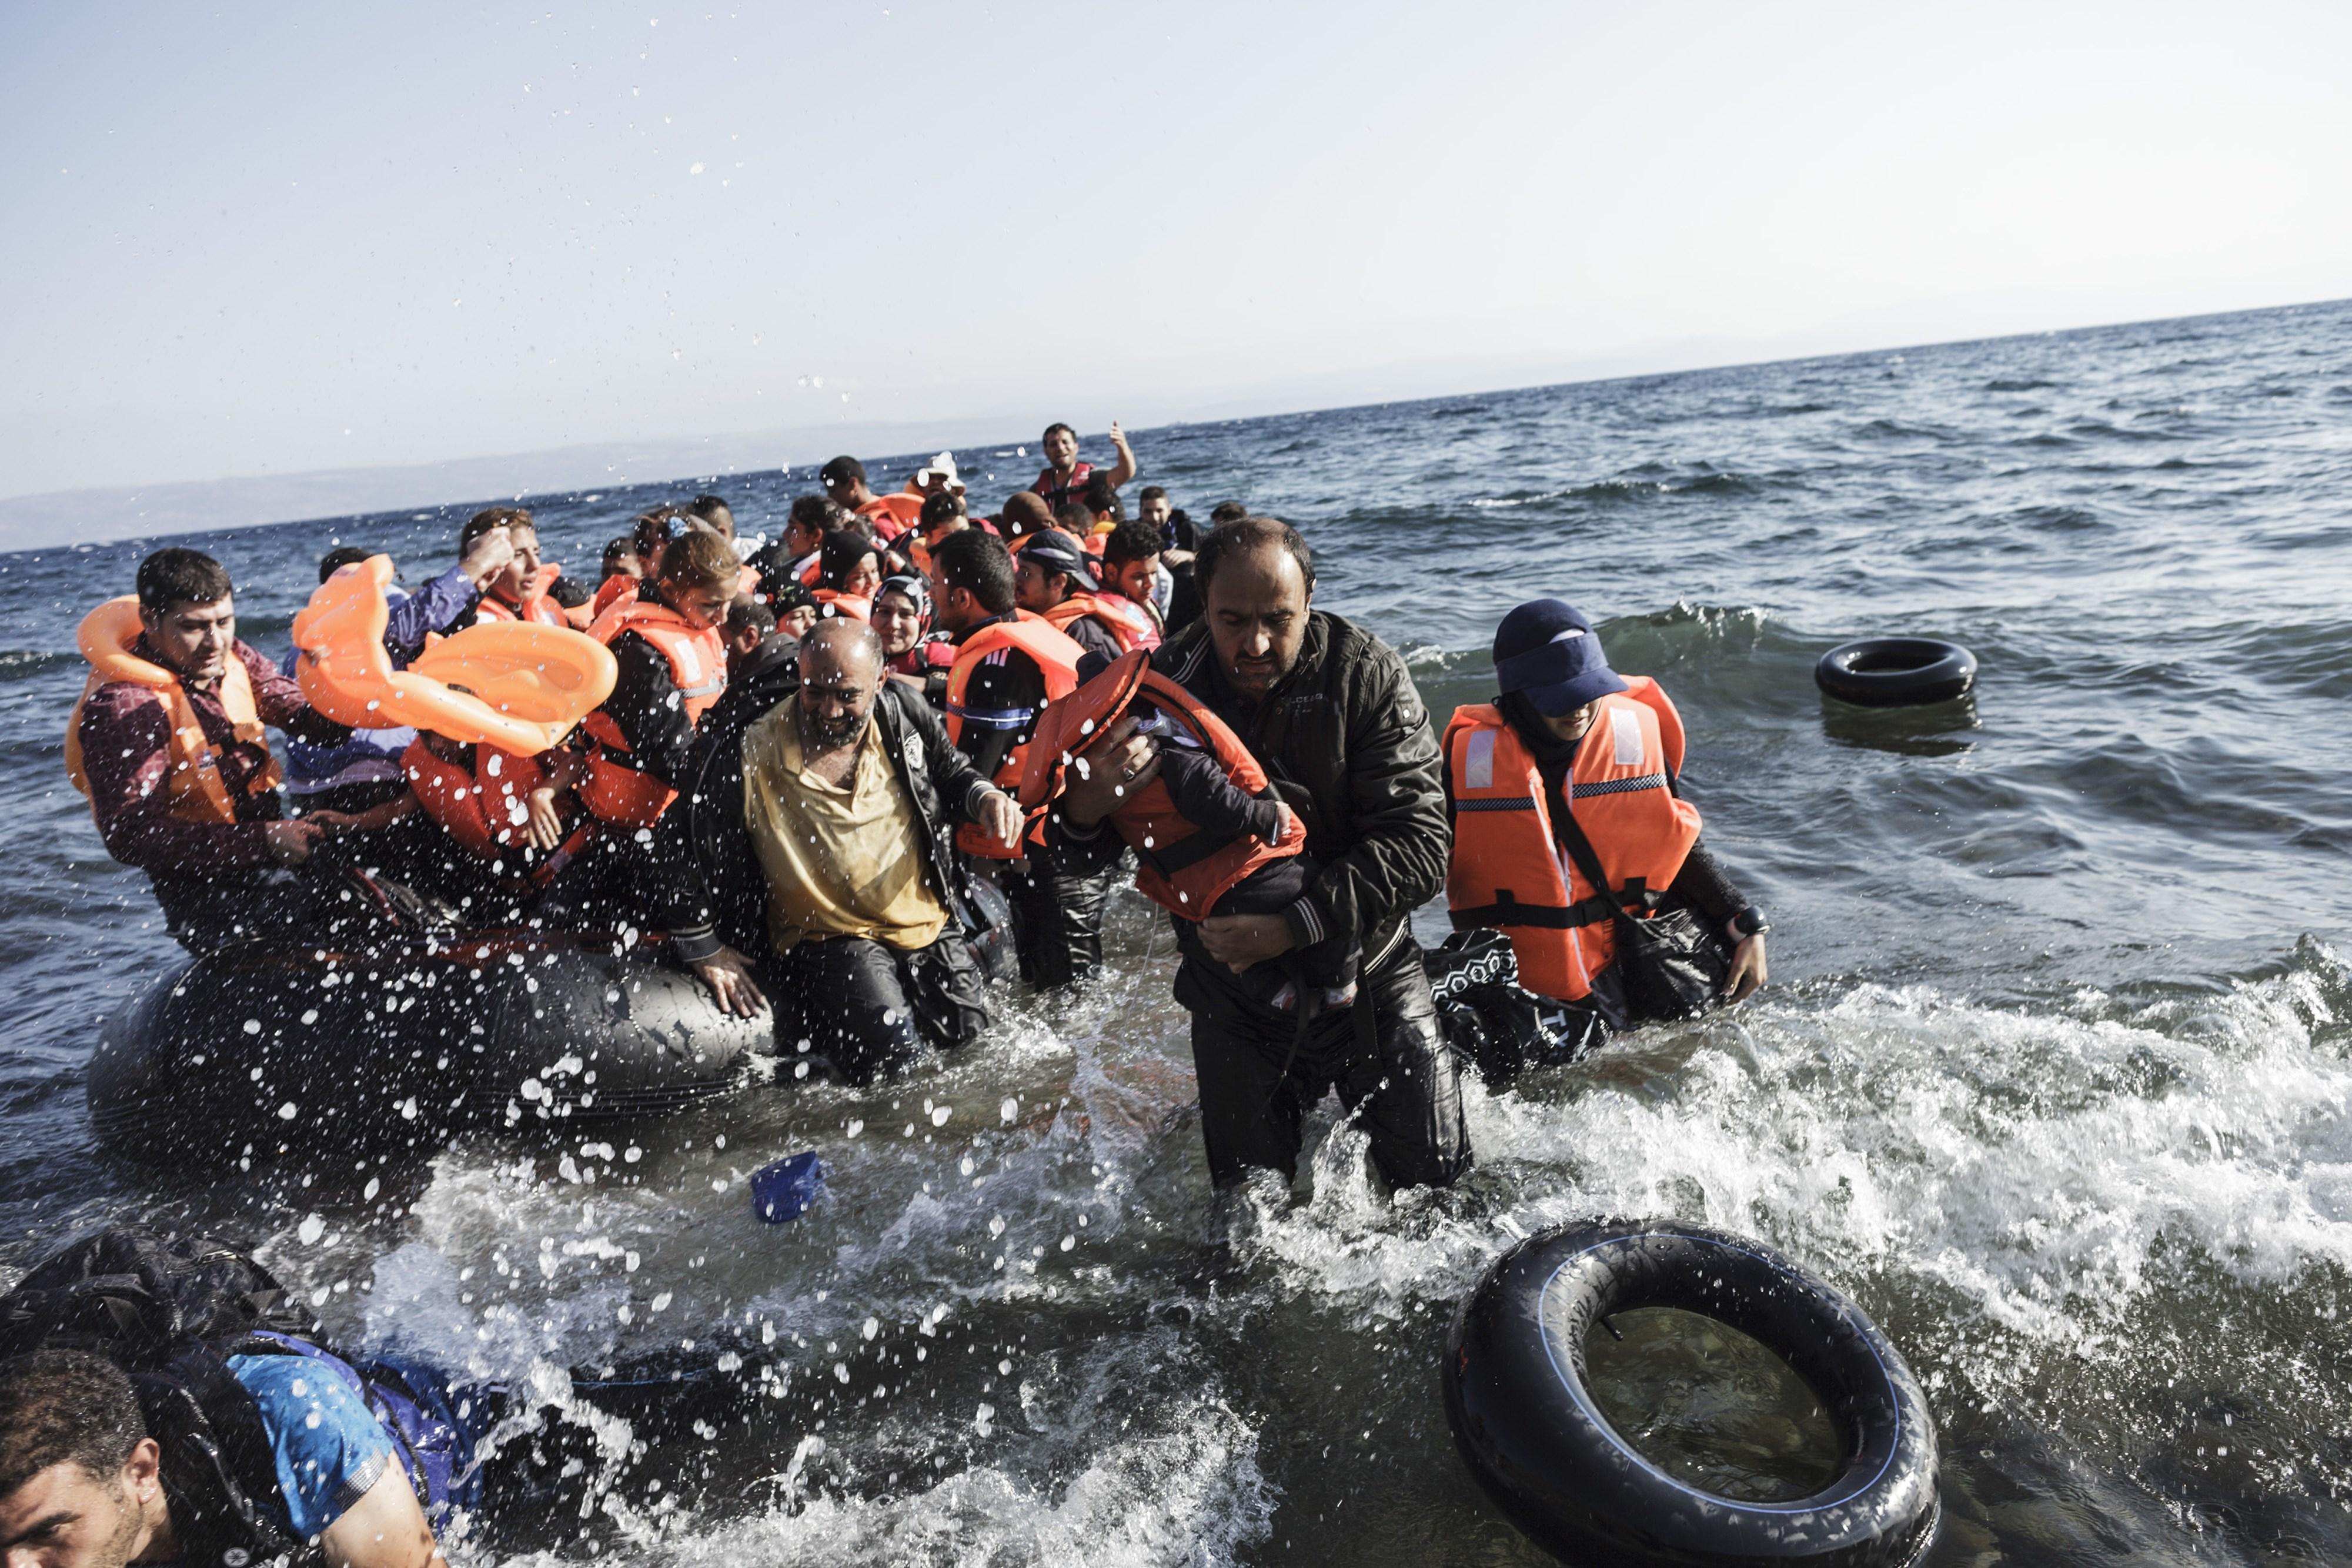 1500 مهاجر فقدوا ارواحهم فى البحر